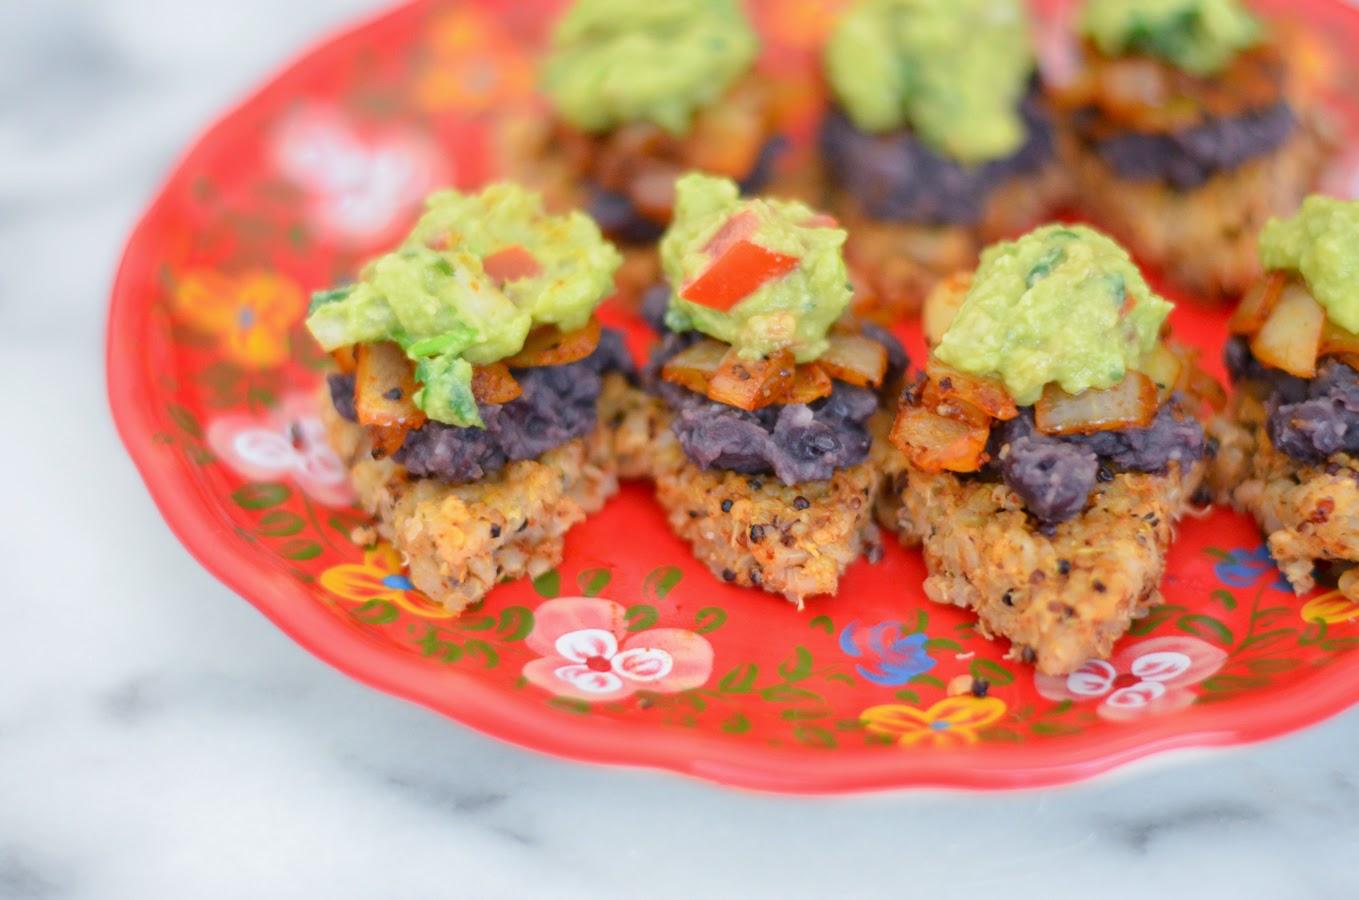 Mexican Quinoa And Beans With Pico De Gallo Recipes — Dishmaps